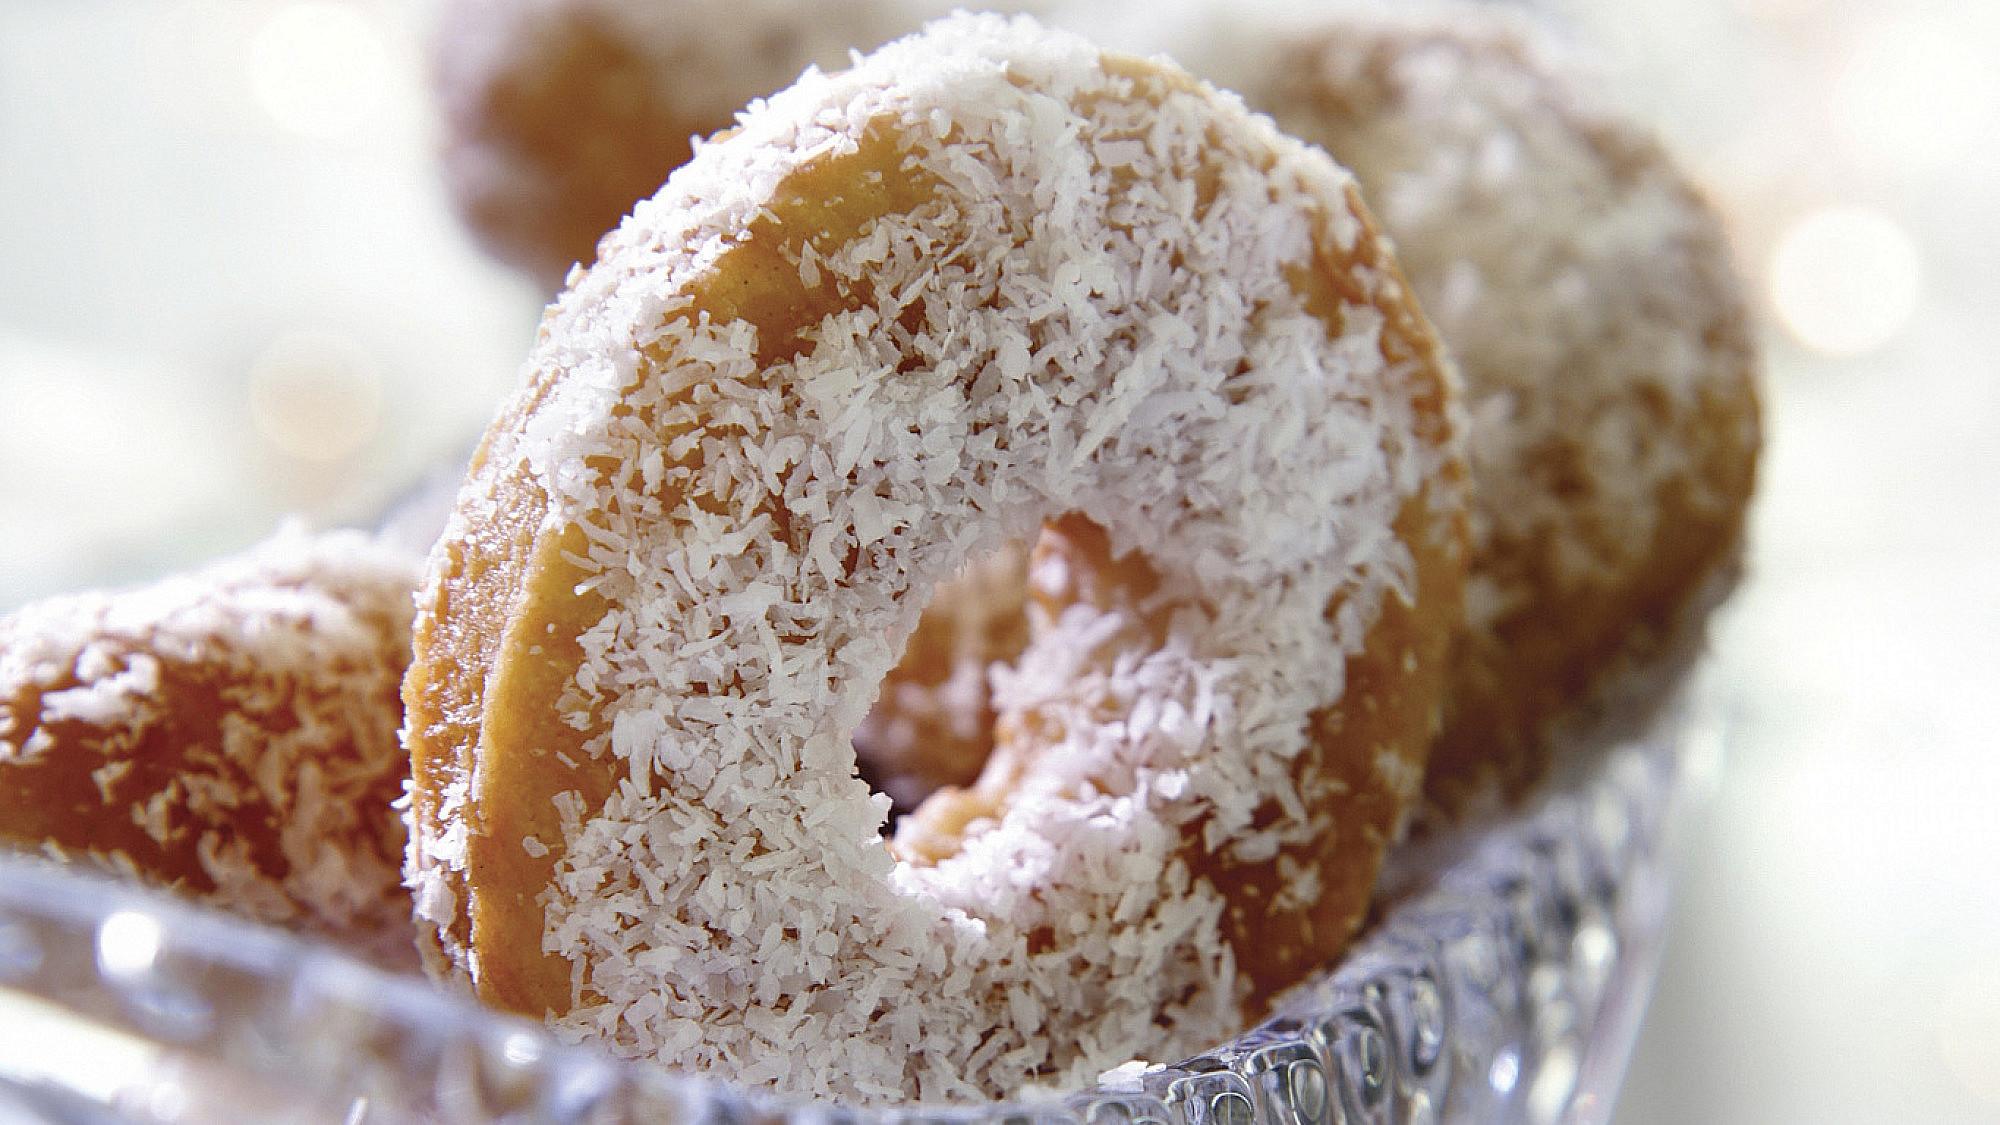 יויו - עוגיות מרוקאיות מבצק מטוגן. צילום: דניאל לילה | סגנון: טליה גון אסיף